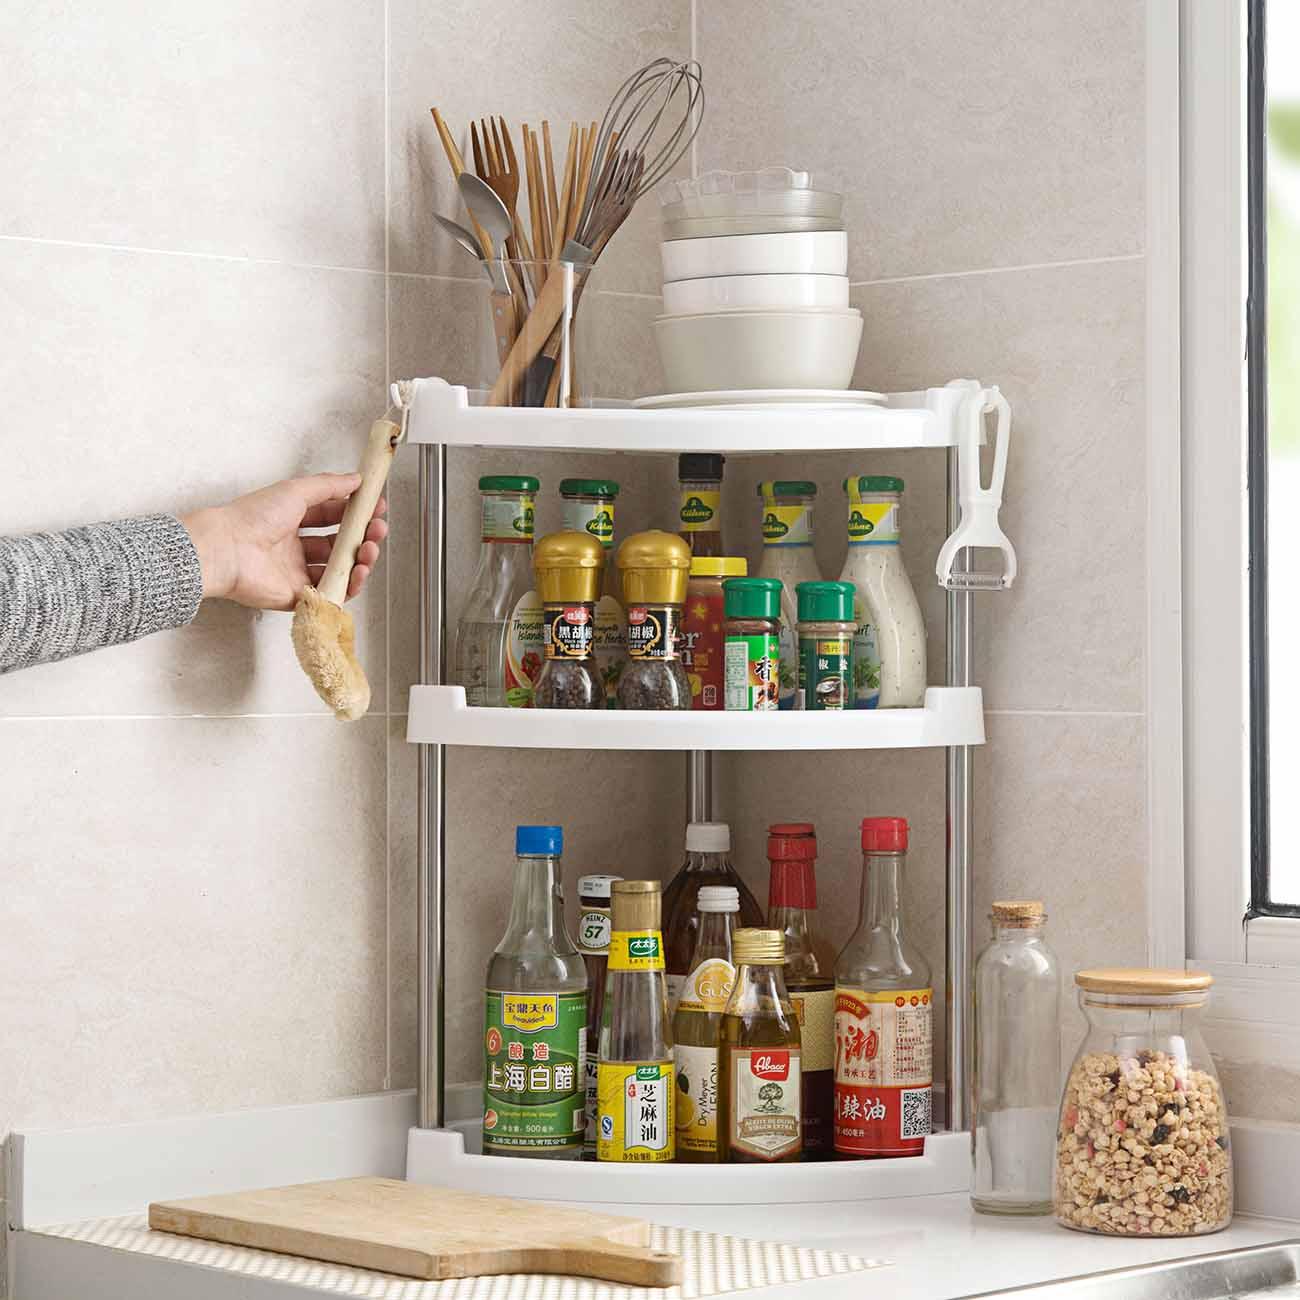 New Kitchen Bathroom Storage Rack 2-Layer Organizer Desktop Shelf Plastic Hold